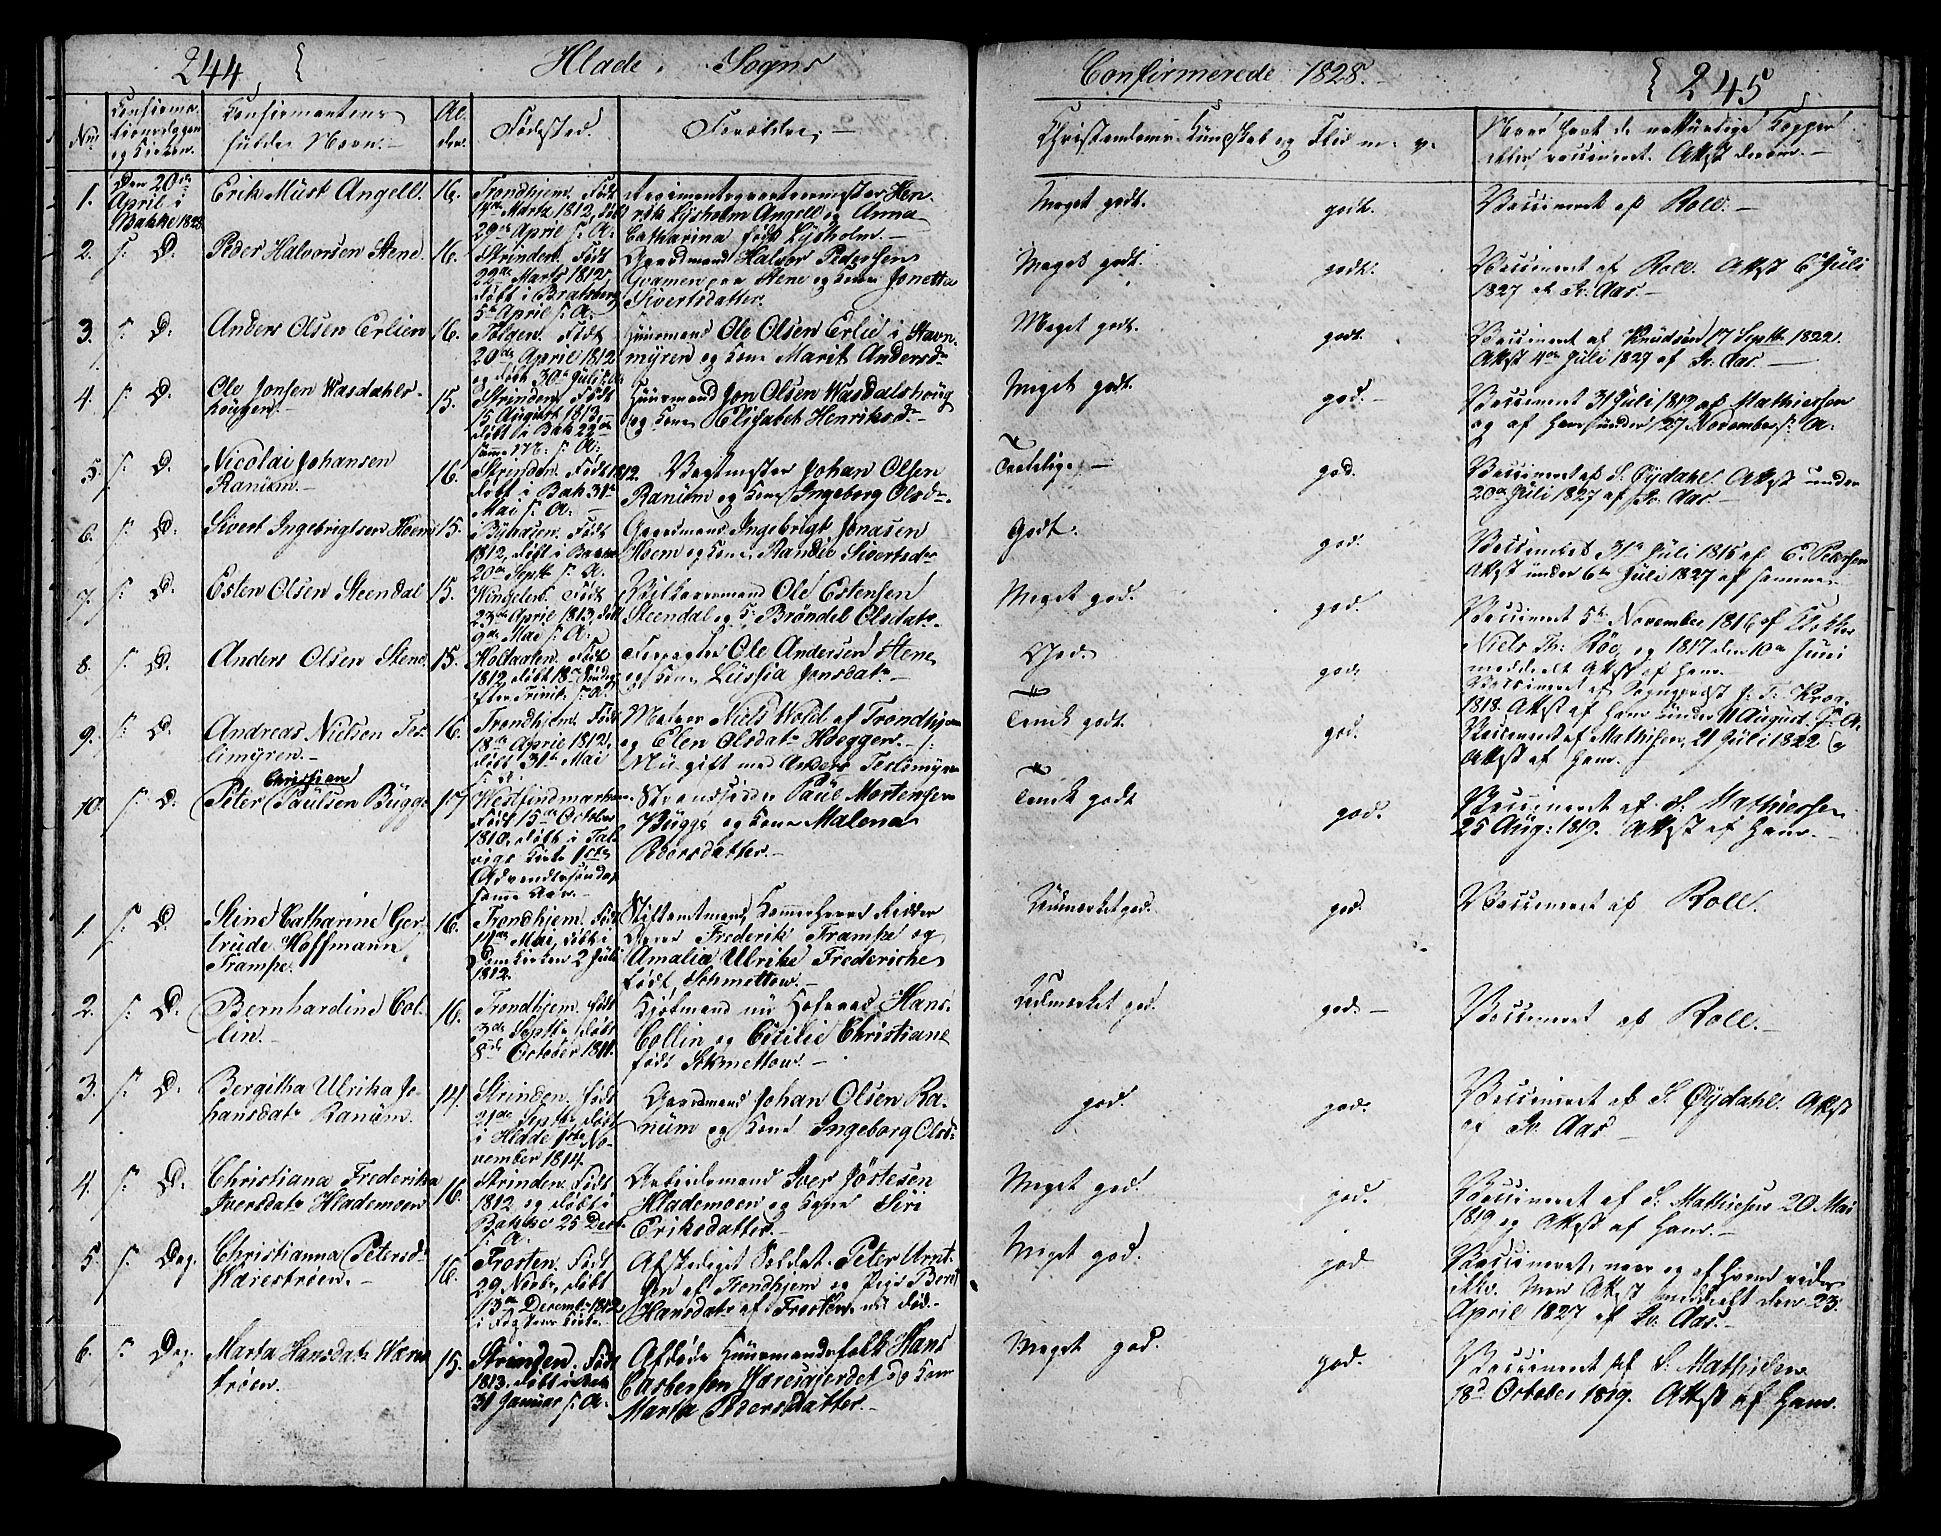 SAT, Ministerialprotokoller, klokkerbøker og fødselsregistre - Sør-Trøndelag, 606/L0306: Klokkerbok nr. 606C02, 1797-1829, s. 244-245